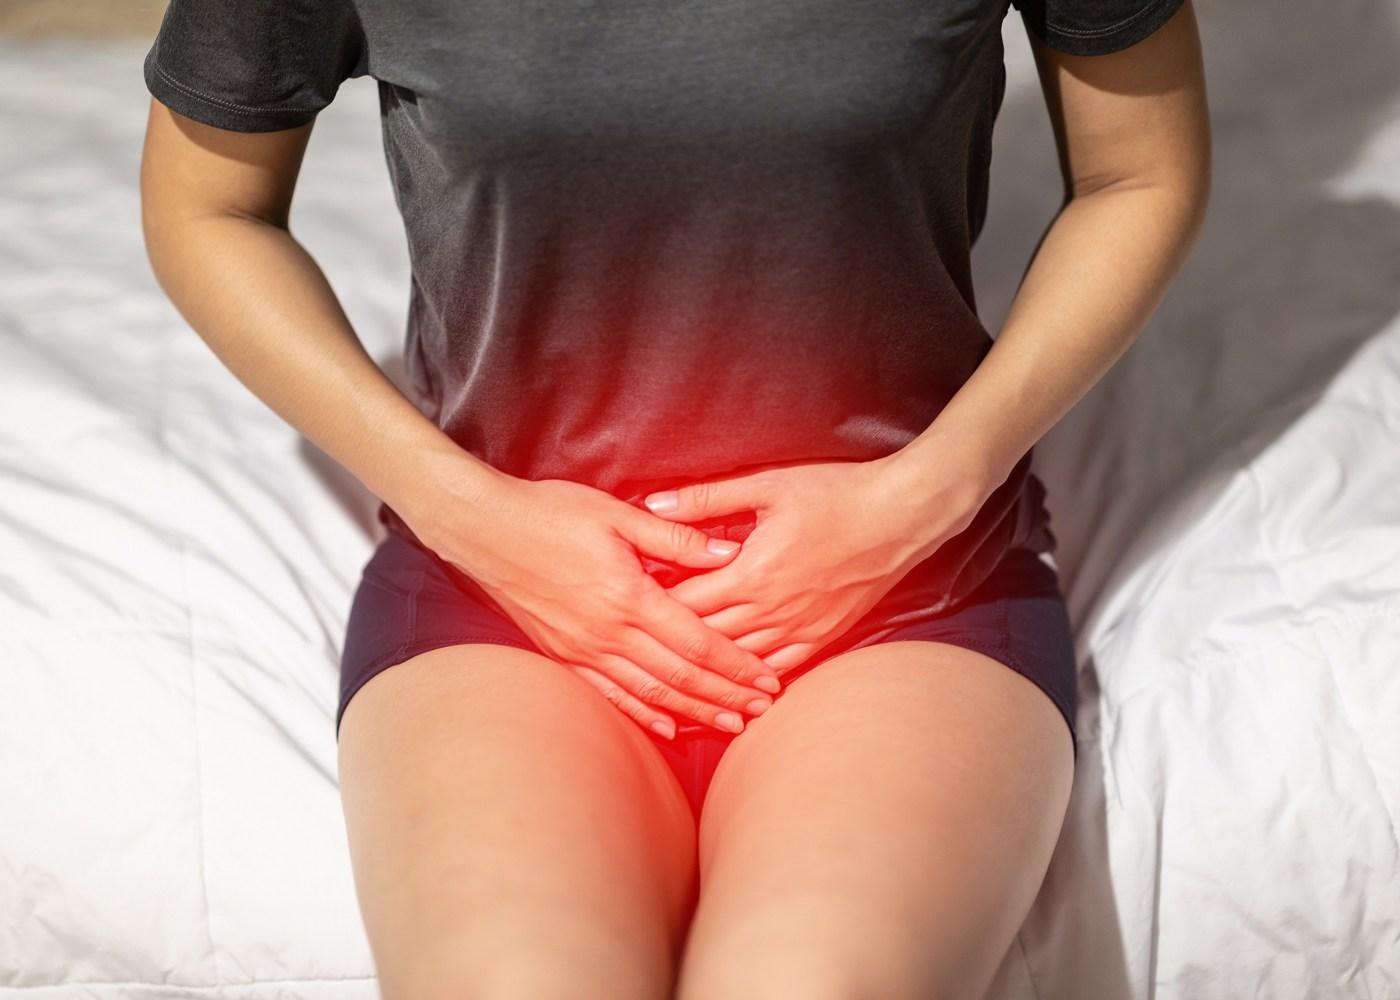 Causas da infeção urinária